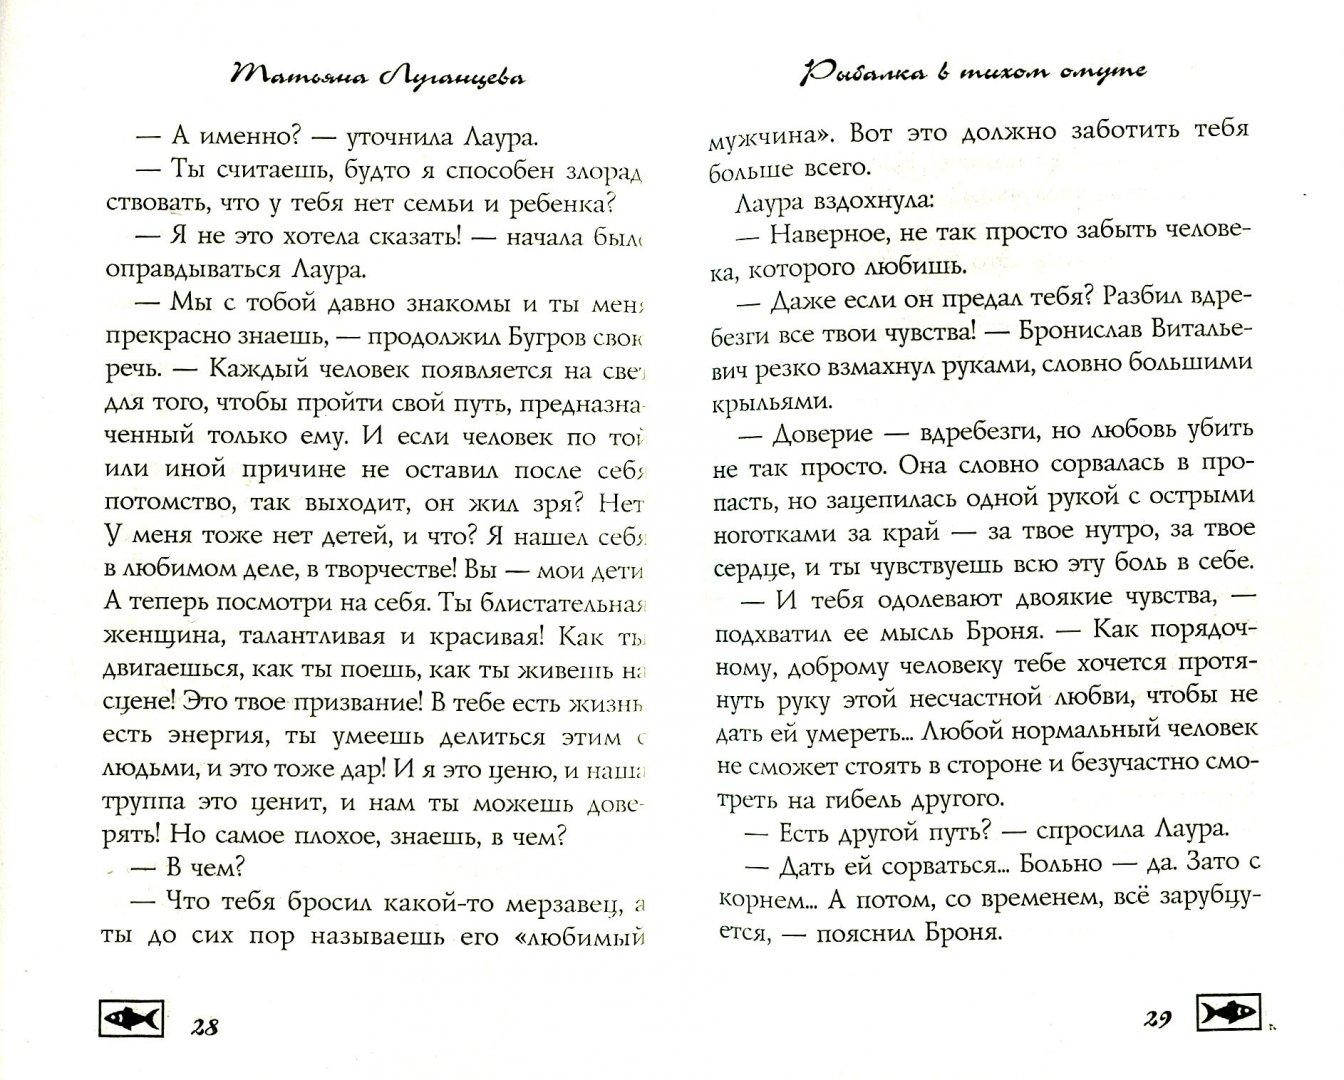 Иллюстрация 1 из 6 для Рыбалка в тихом омуте - Татьяна Луганцева   Лабиринт - книги. Источник: Лабиринт